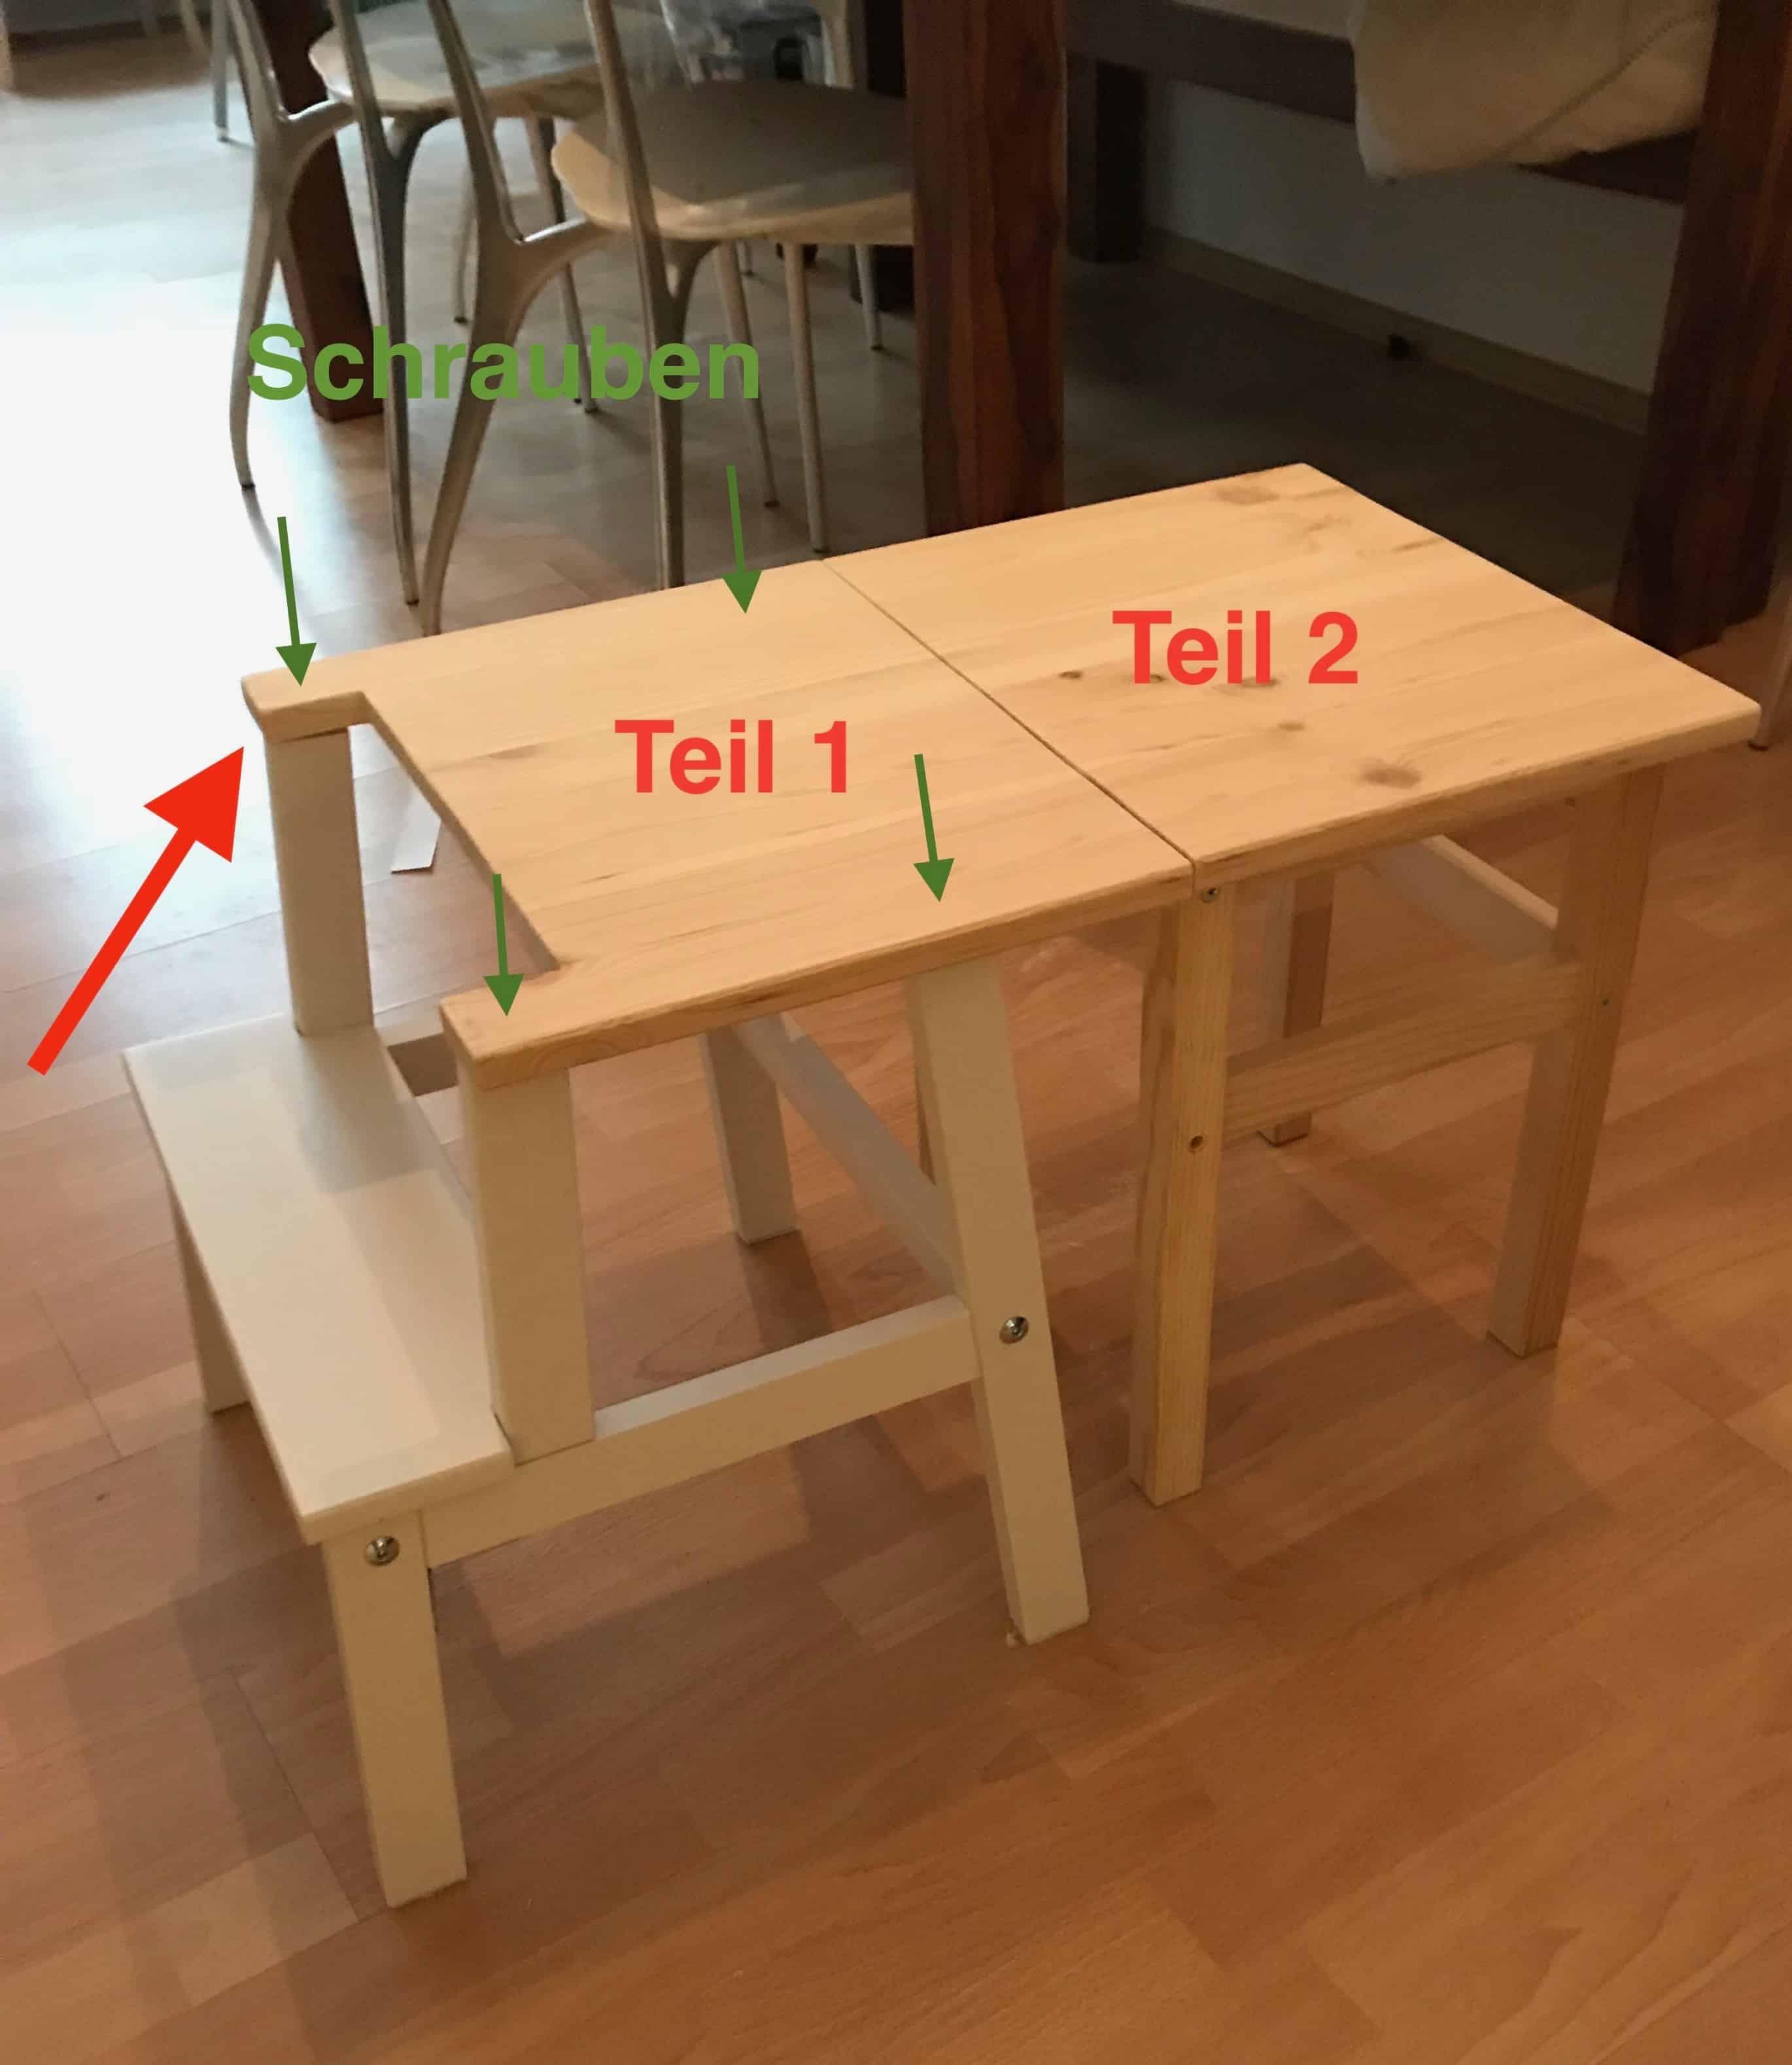 Lernturm Und Kindertisch Ikea In HackPlanningmathilda Einem Ein zpMqSUV